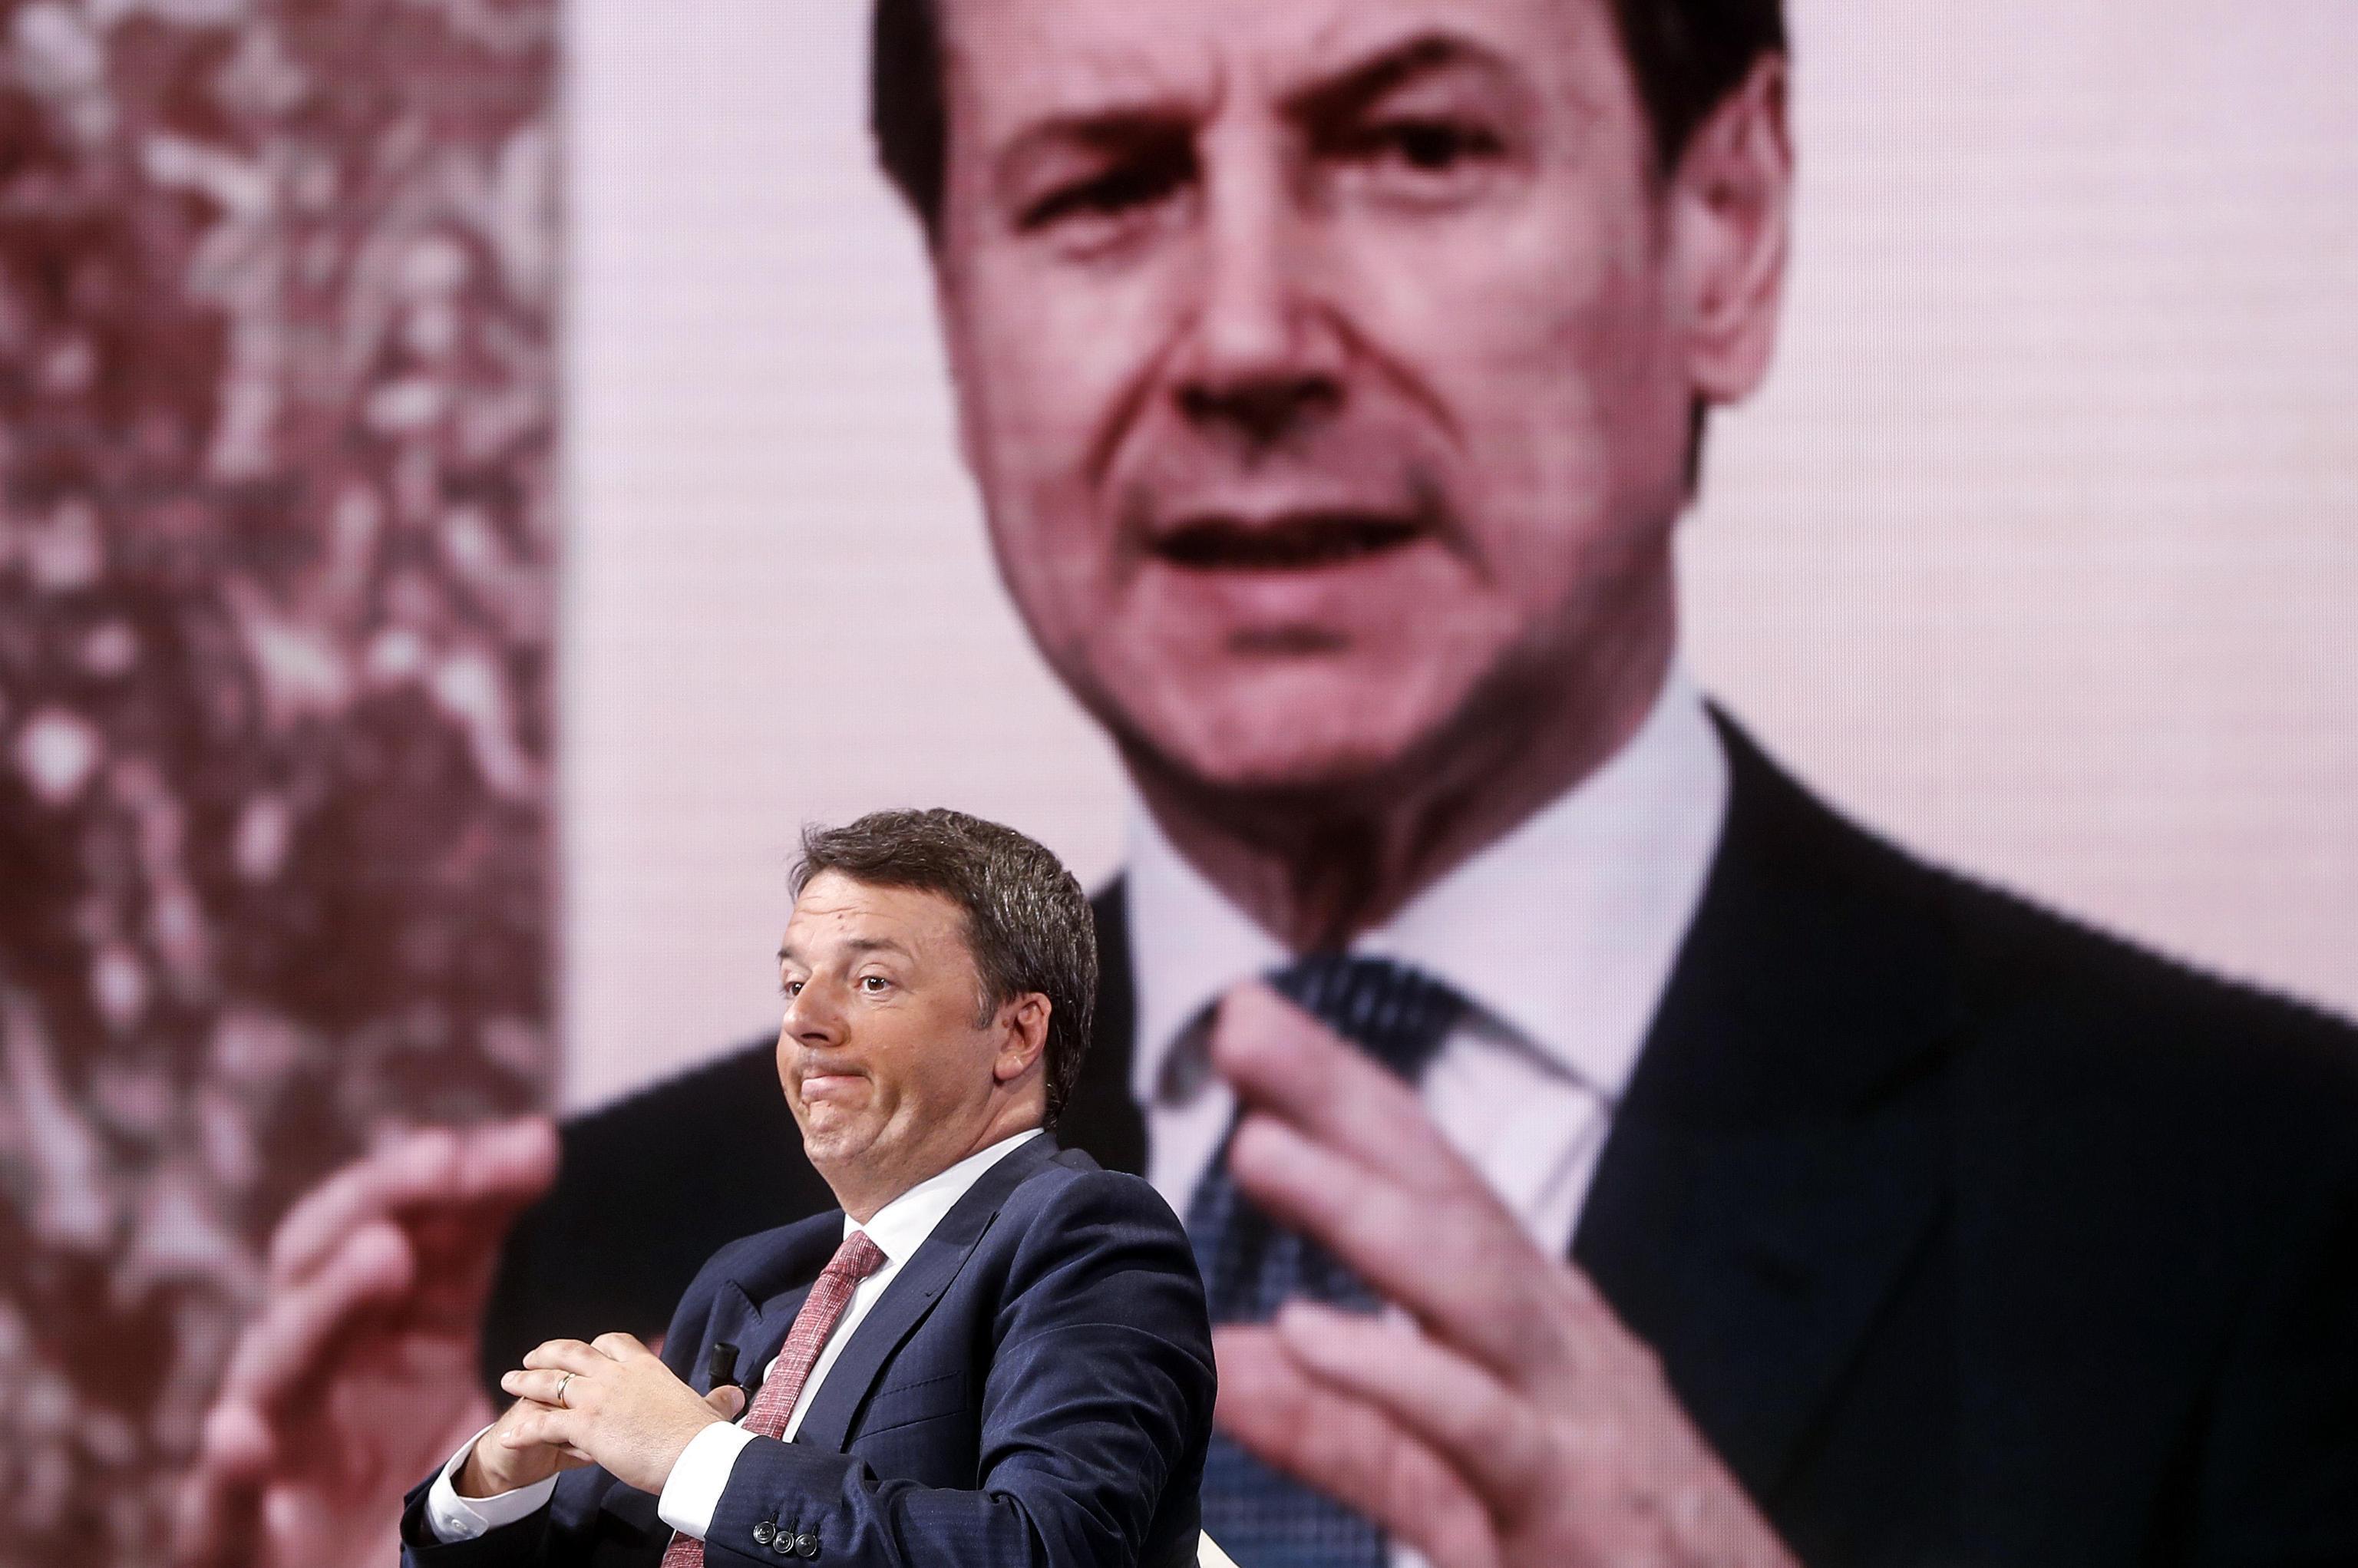 Governo, Renzi rilancia: «Pronti a discutere senza veti». E annuncia l'astensione di Italia Viva sulla fiducia a Conte